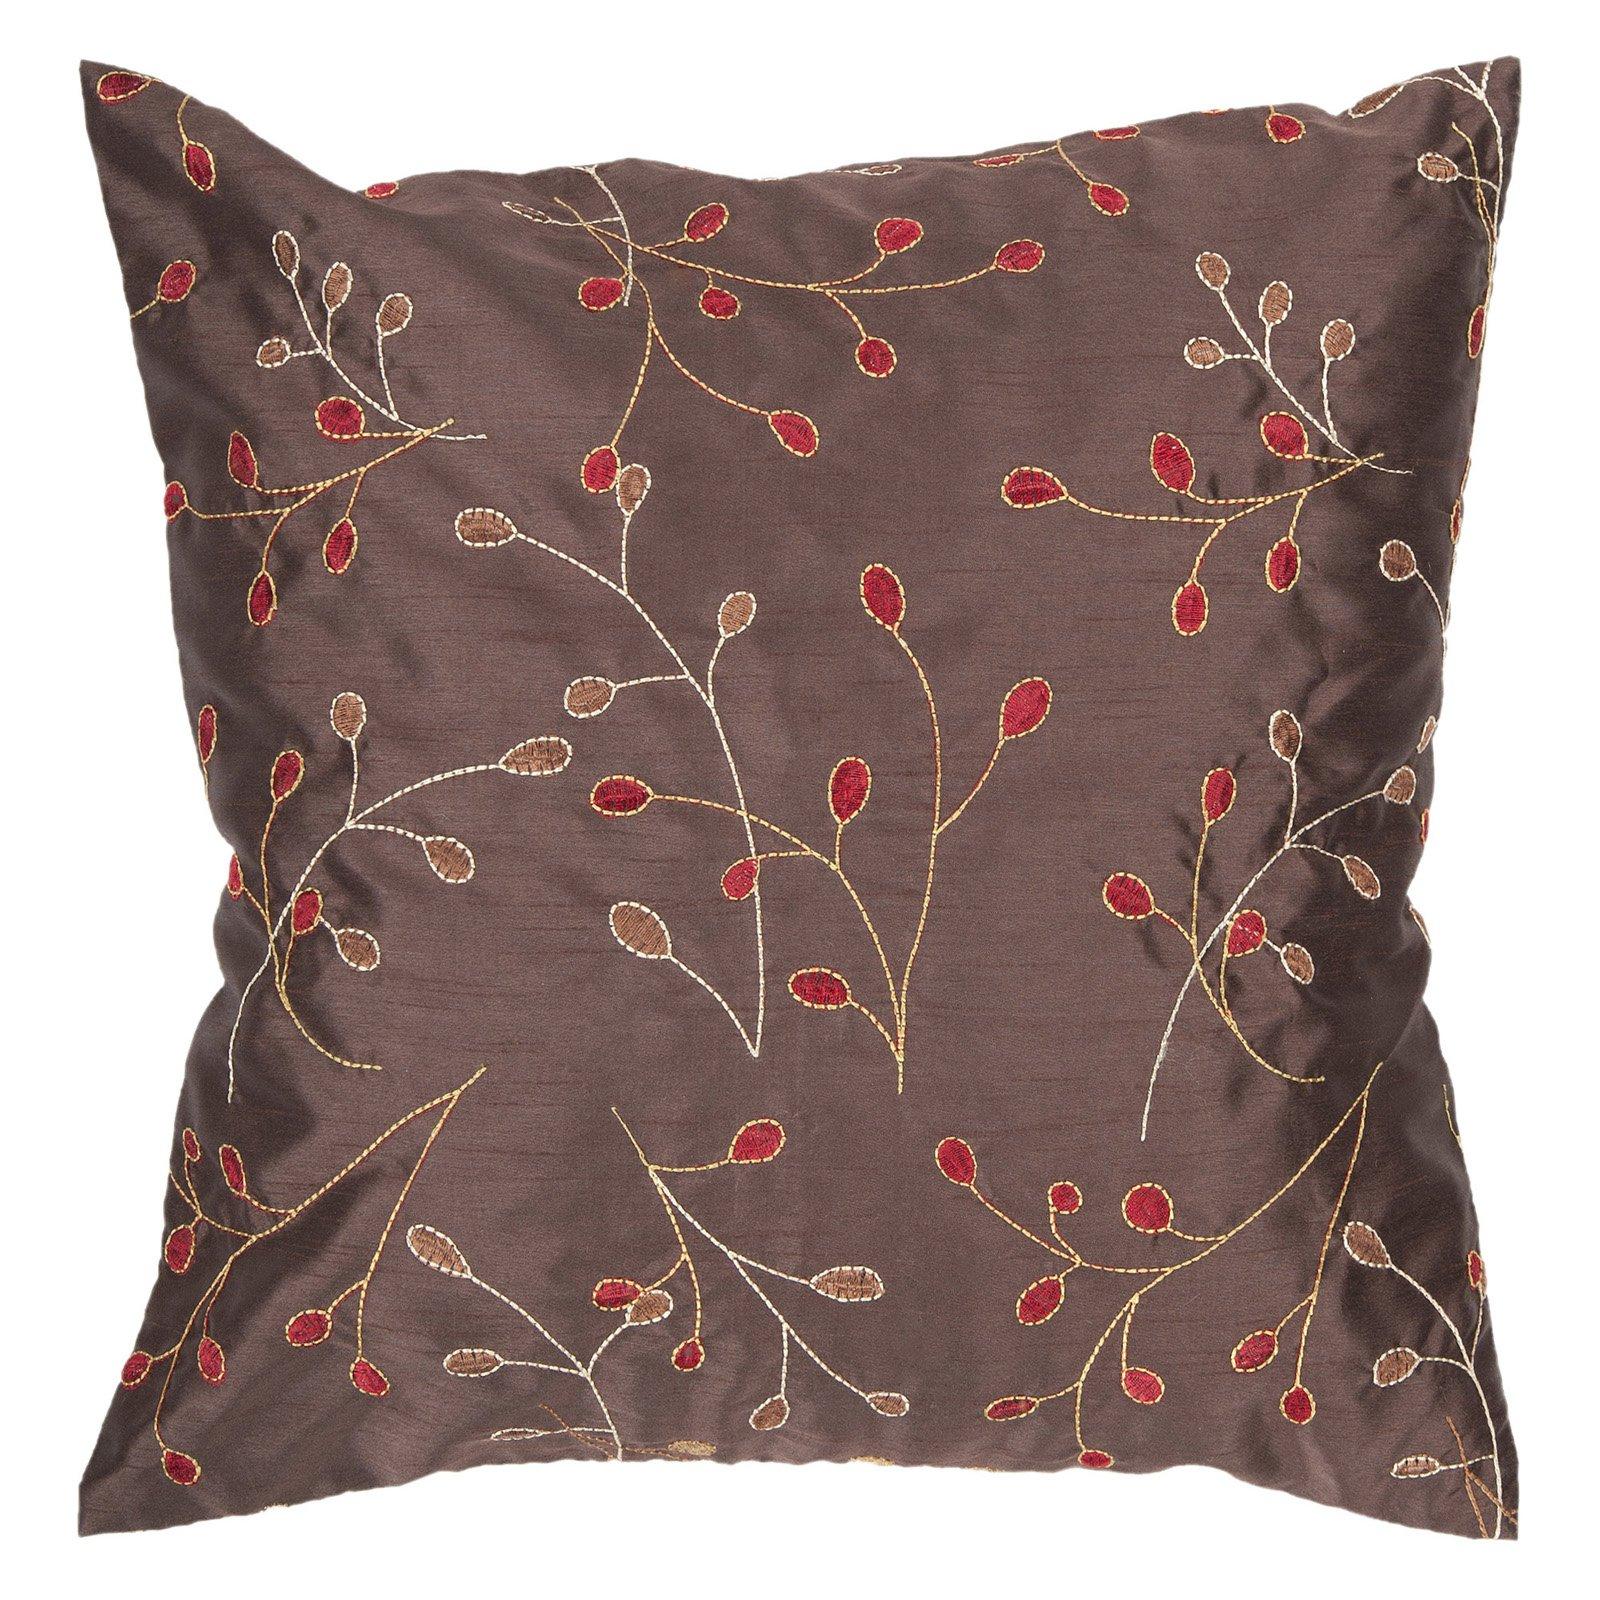 Surya China Vine Decorative Pillow - Chocolate